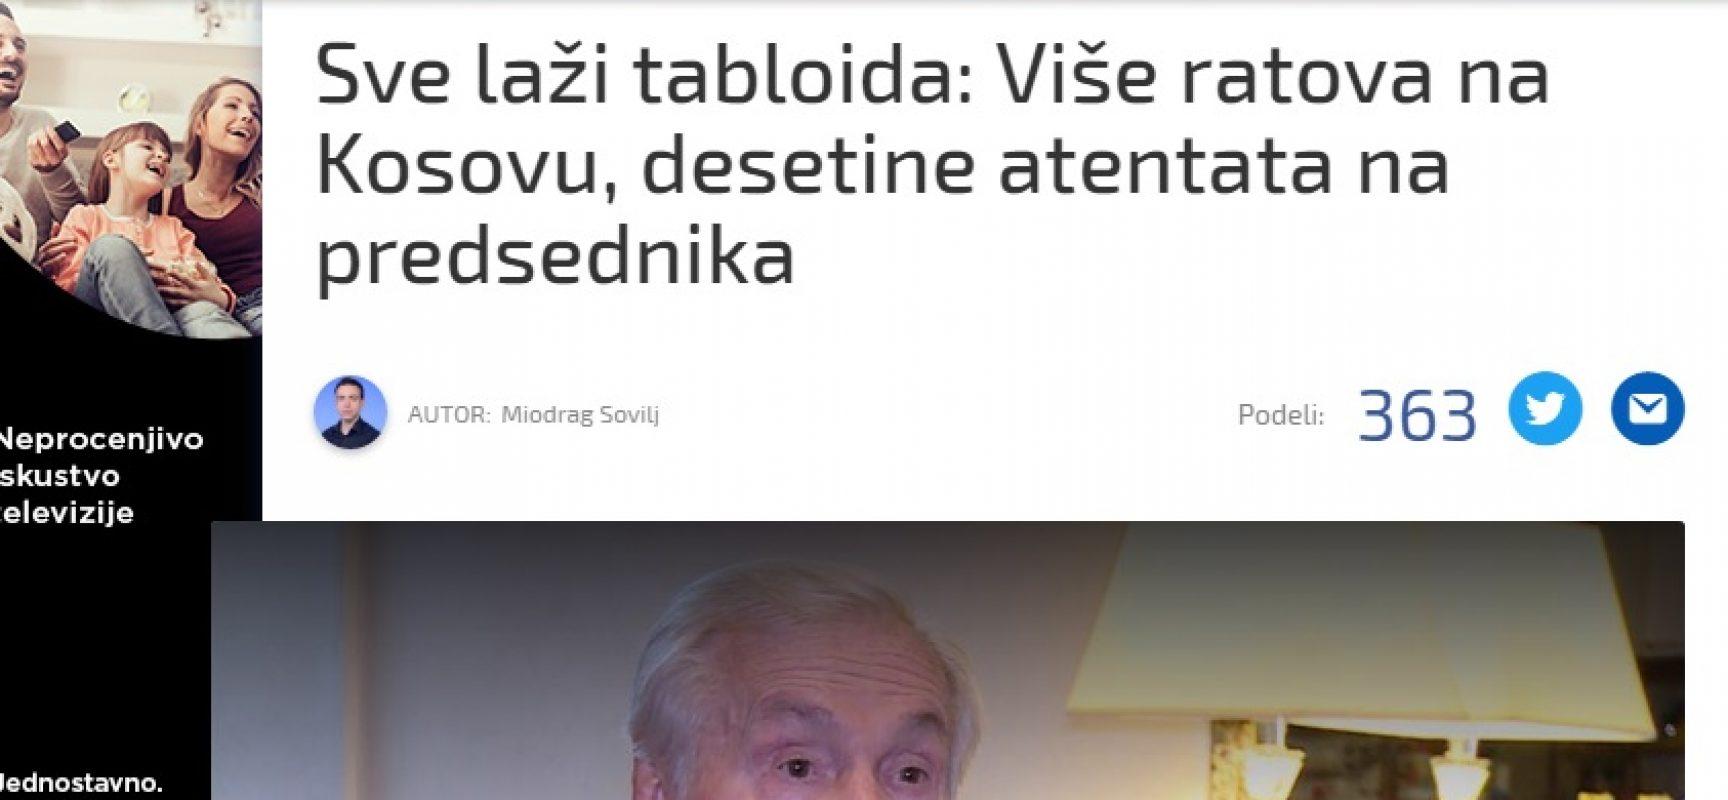 Sve laži tabloida: Više ratova na Kosovu, desetine atentata na predsednika